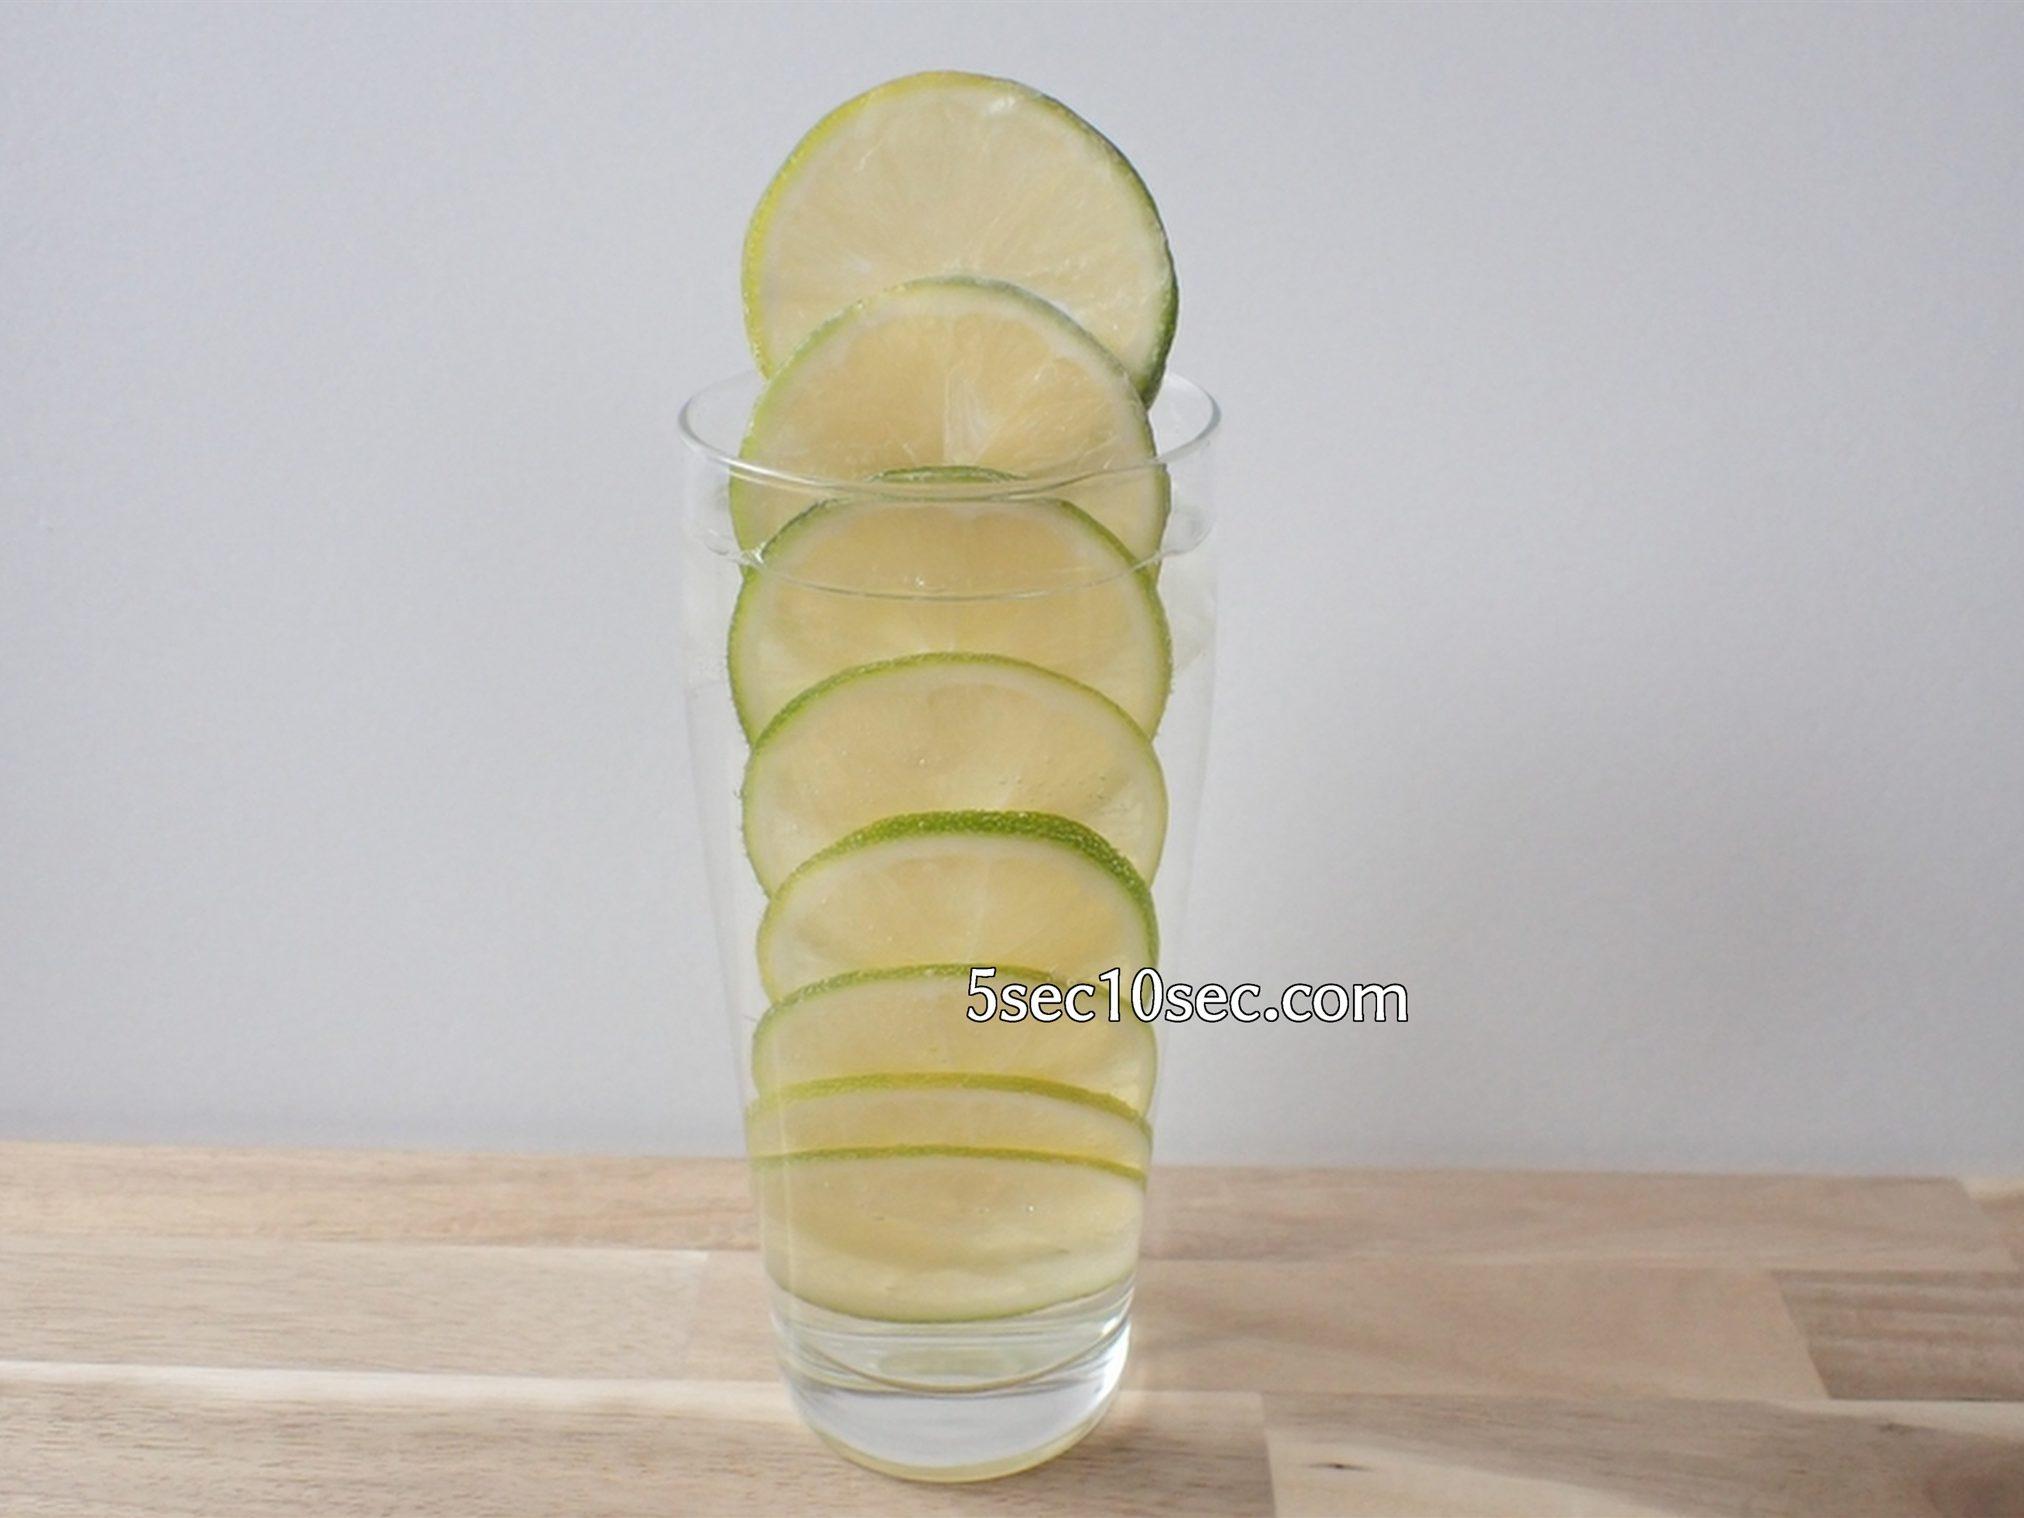 宝酒造 こだわりのレモンサワー用 宝焼酎 スライスしたレモンを並べて冷凍して凍らせるだけで家庭でも簡単にレモンタワーができます